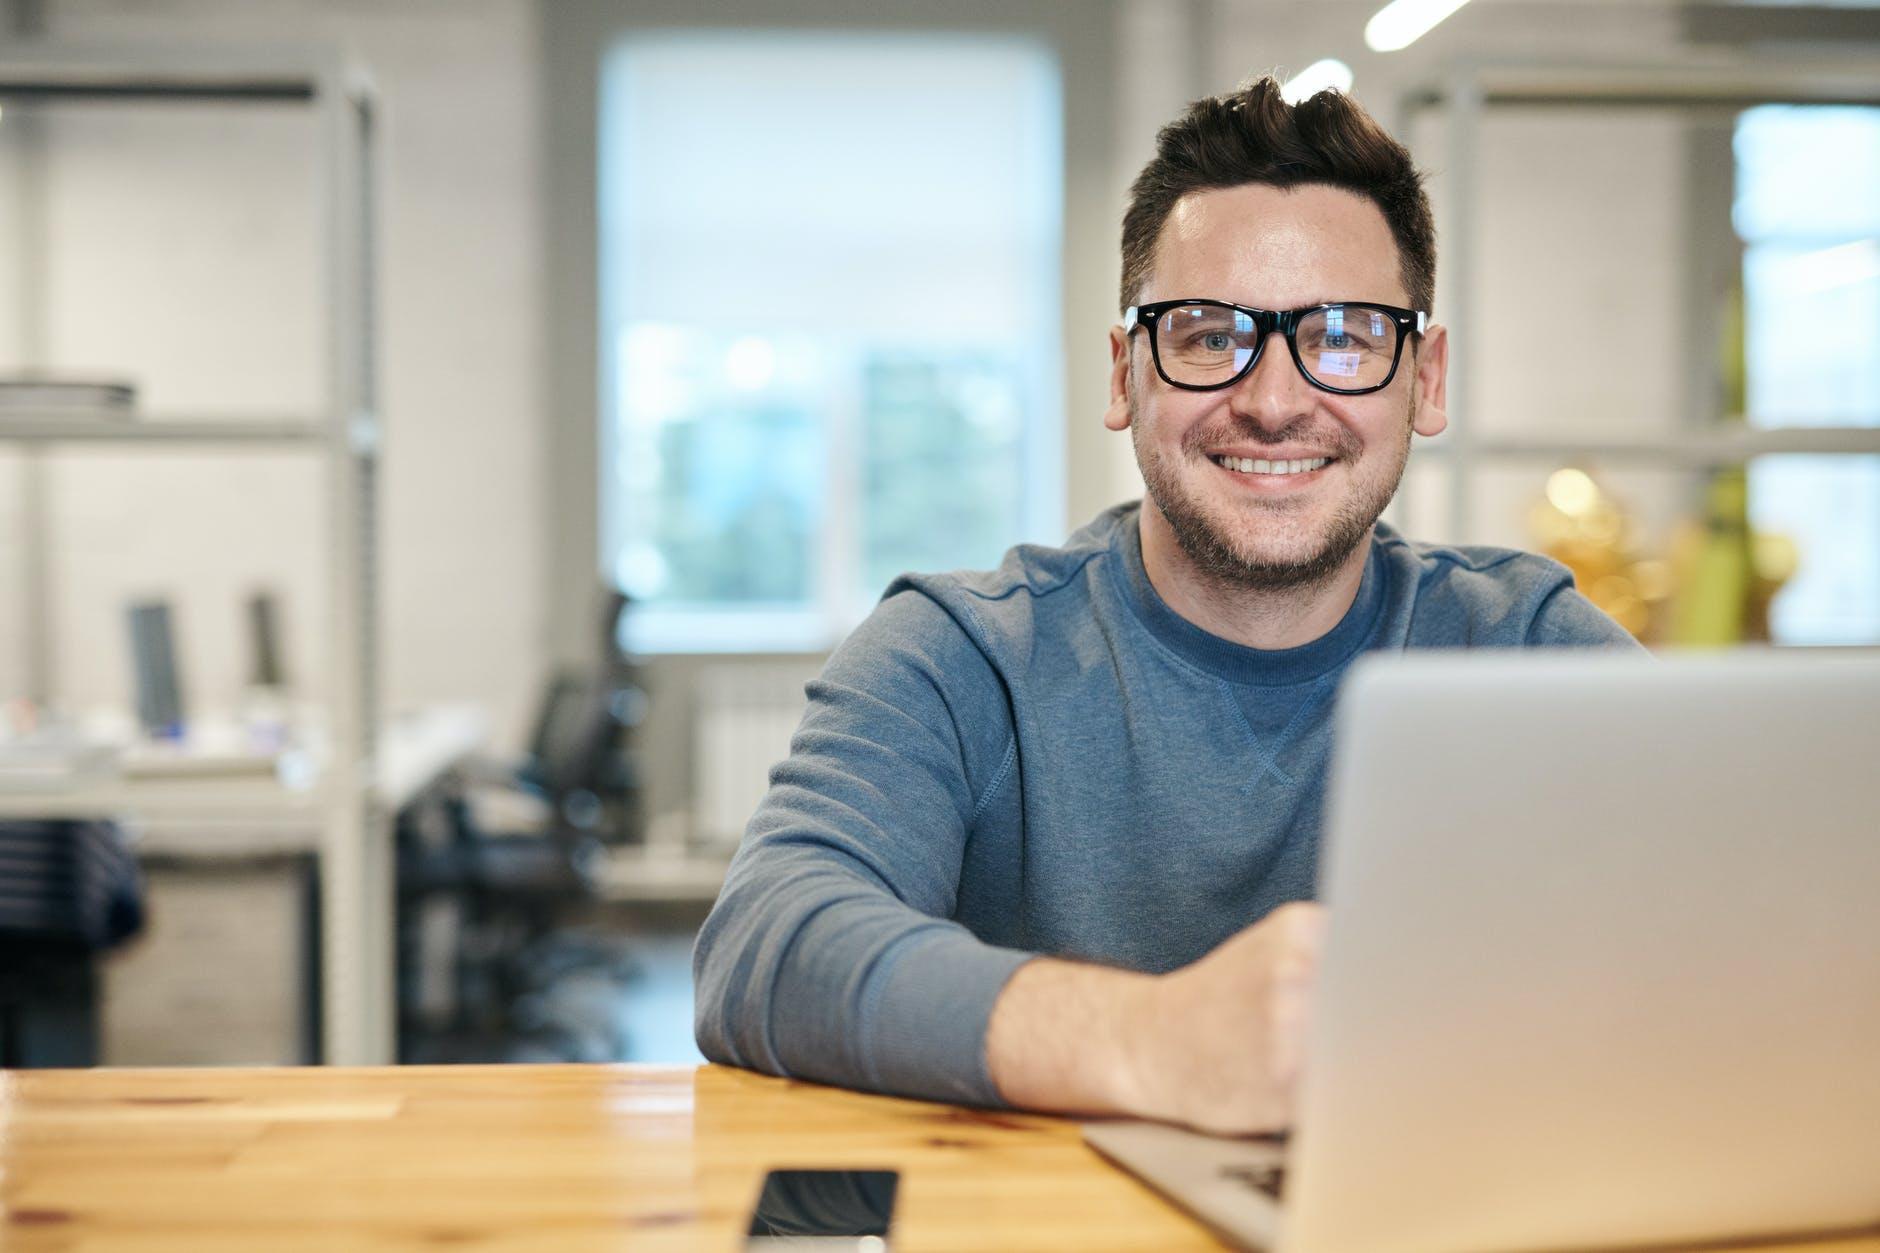 Nuevos perfiles profesionales de la era digital